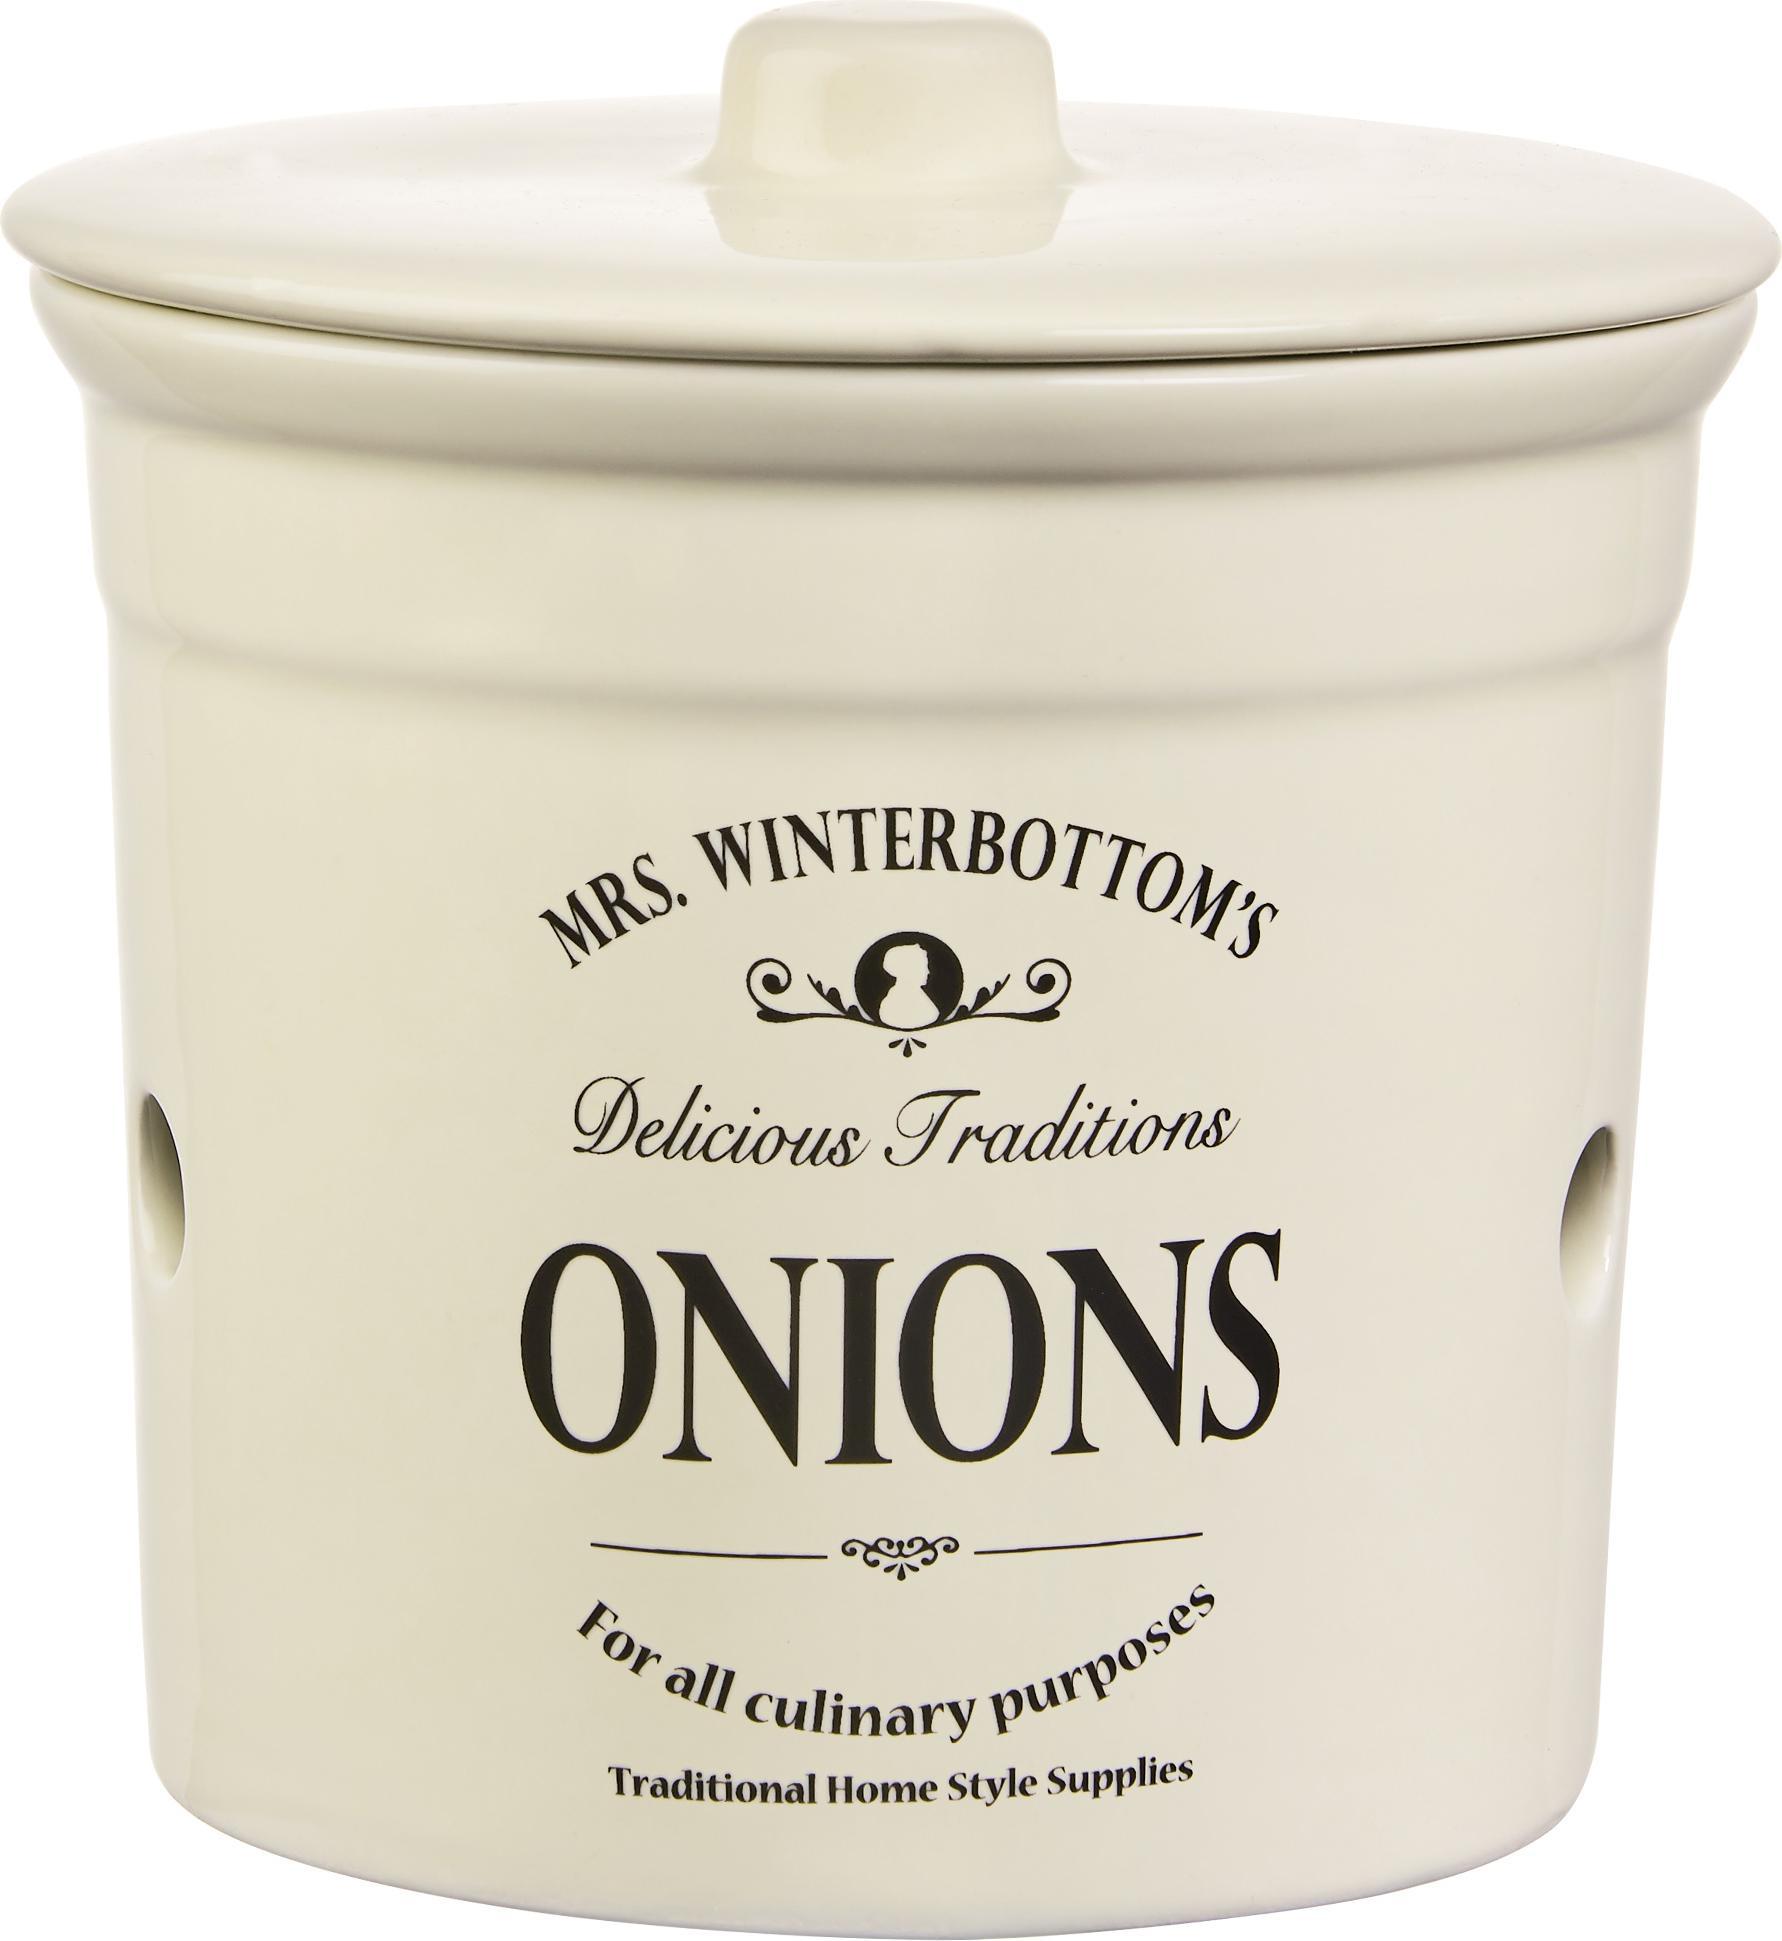 Opbergpot Mrs Winterbottoms Onions, Keramiek, Crèmekleurig, zwart, Ø 17 cm